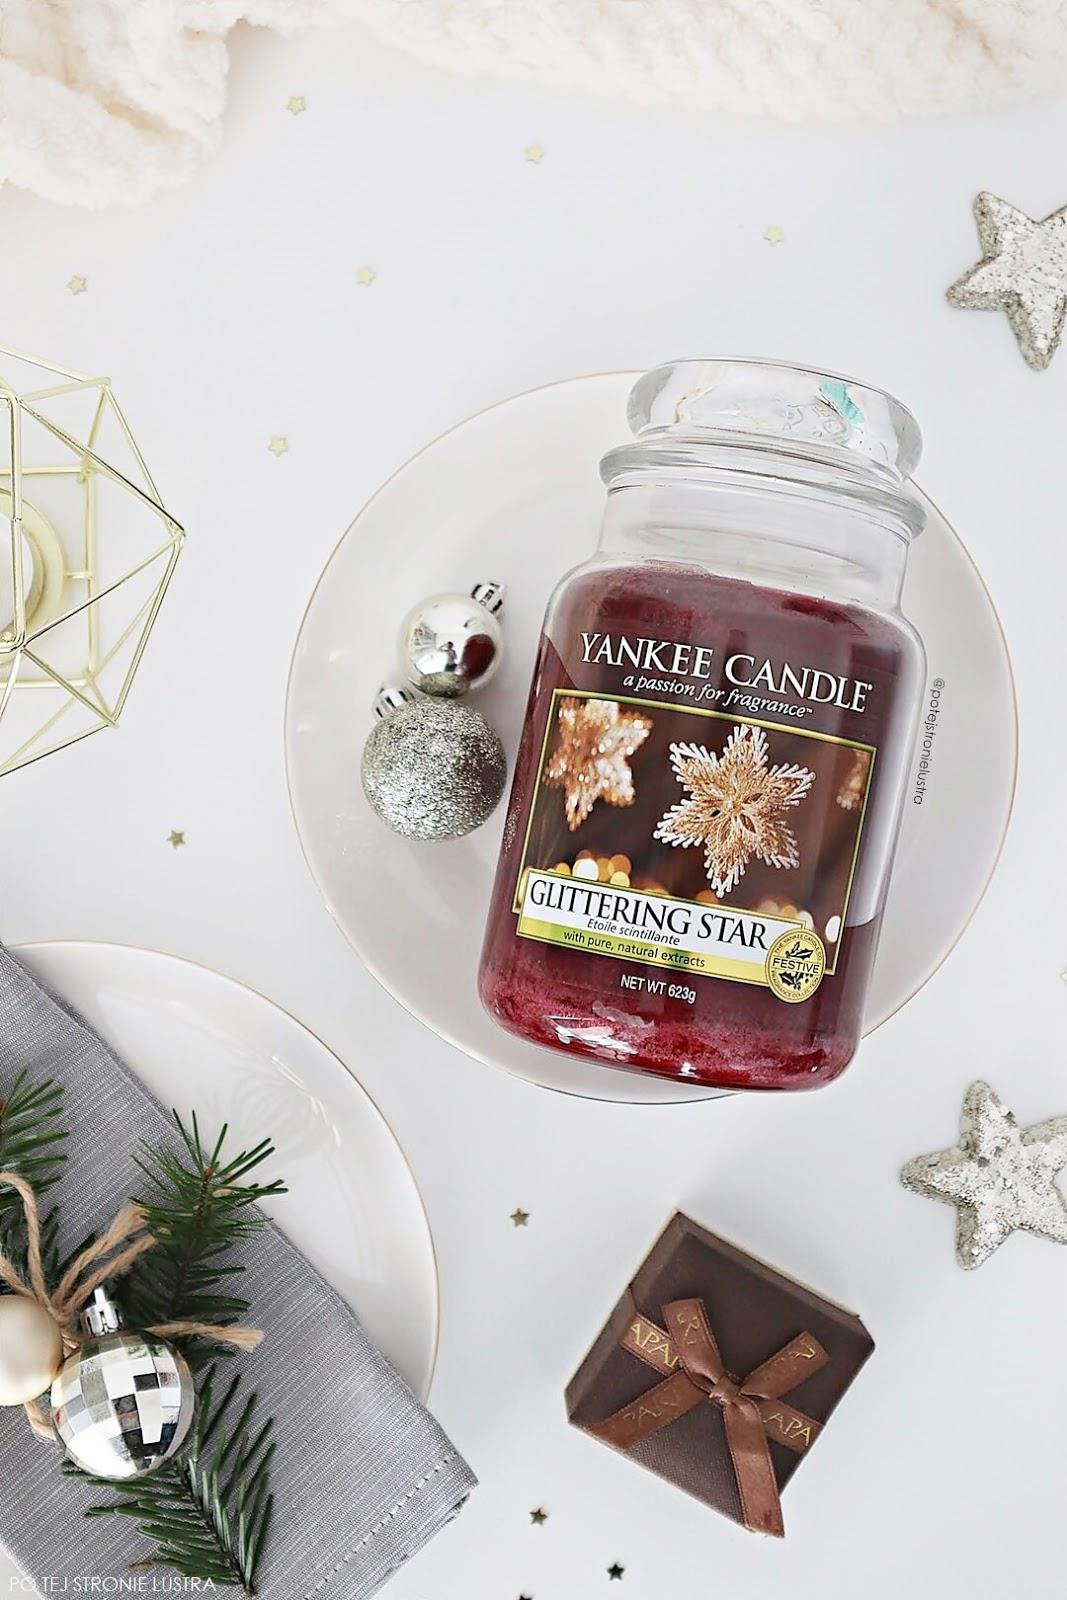 świeca yankee candle glittering star nowośc na zimę 2018